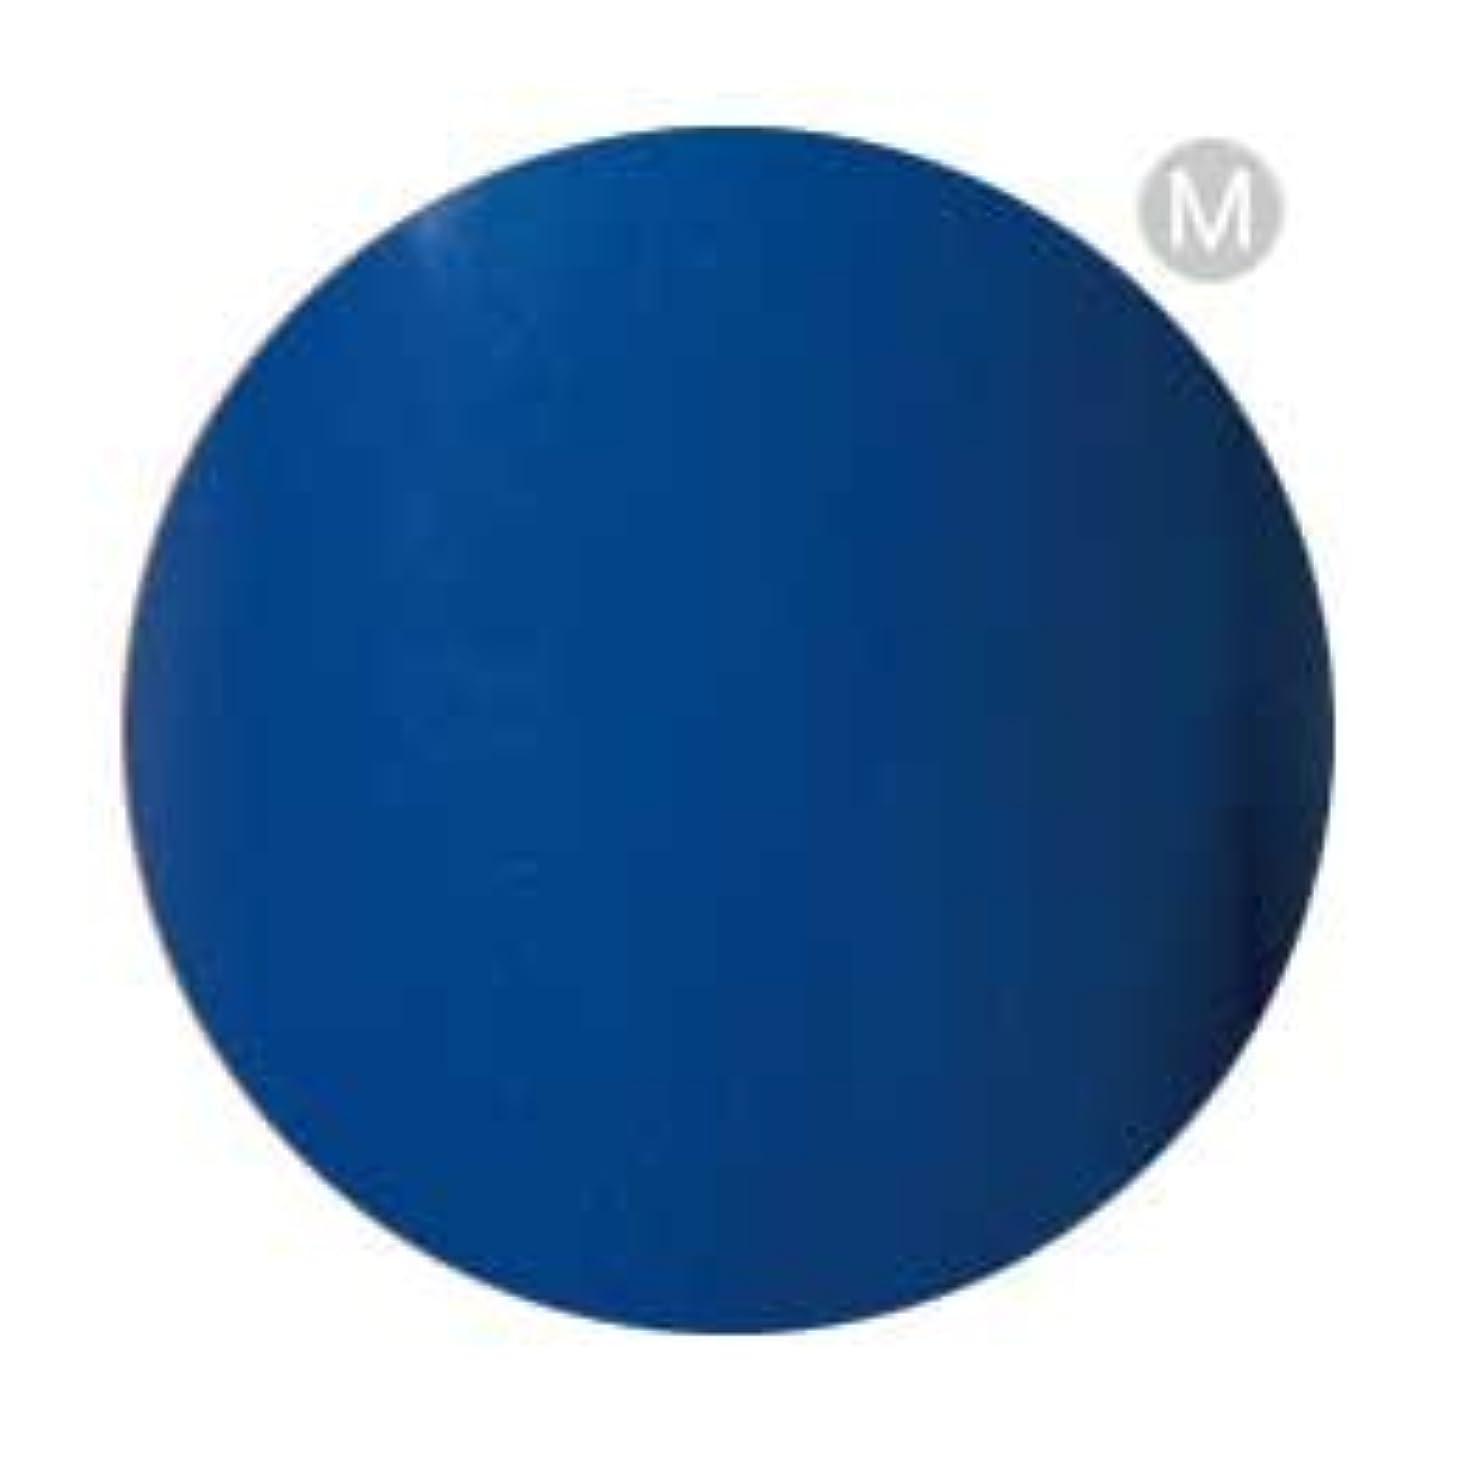 利用可能アウター変装したPalms Graceful カラージェル 3g 004 ブルー